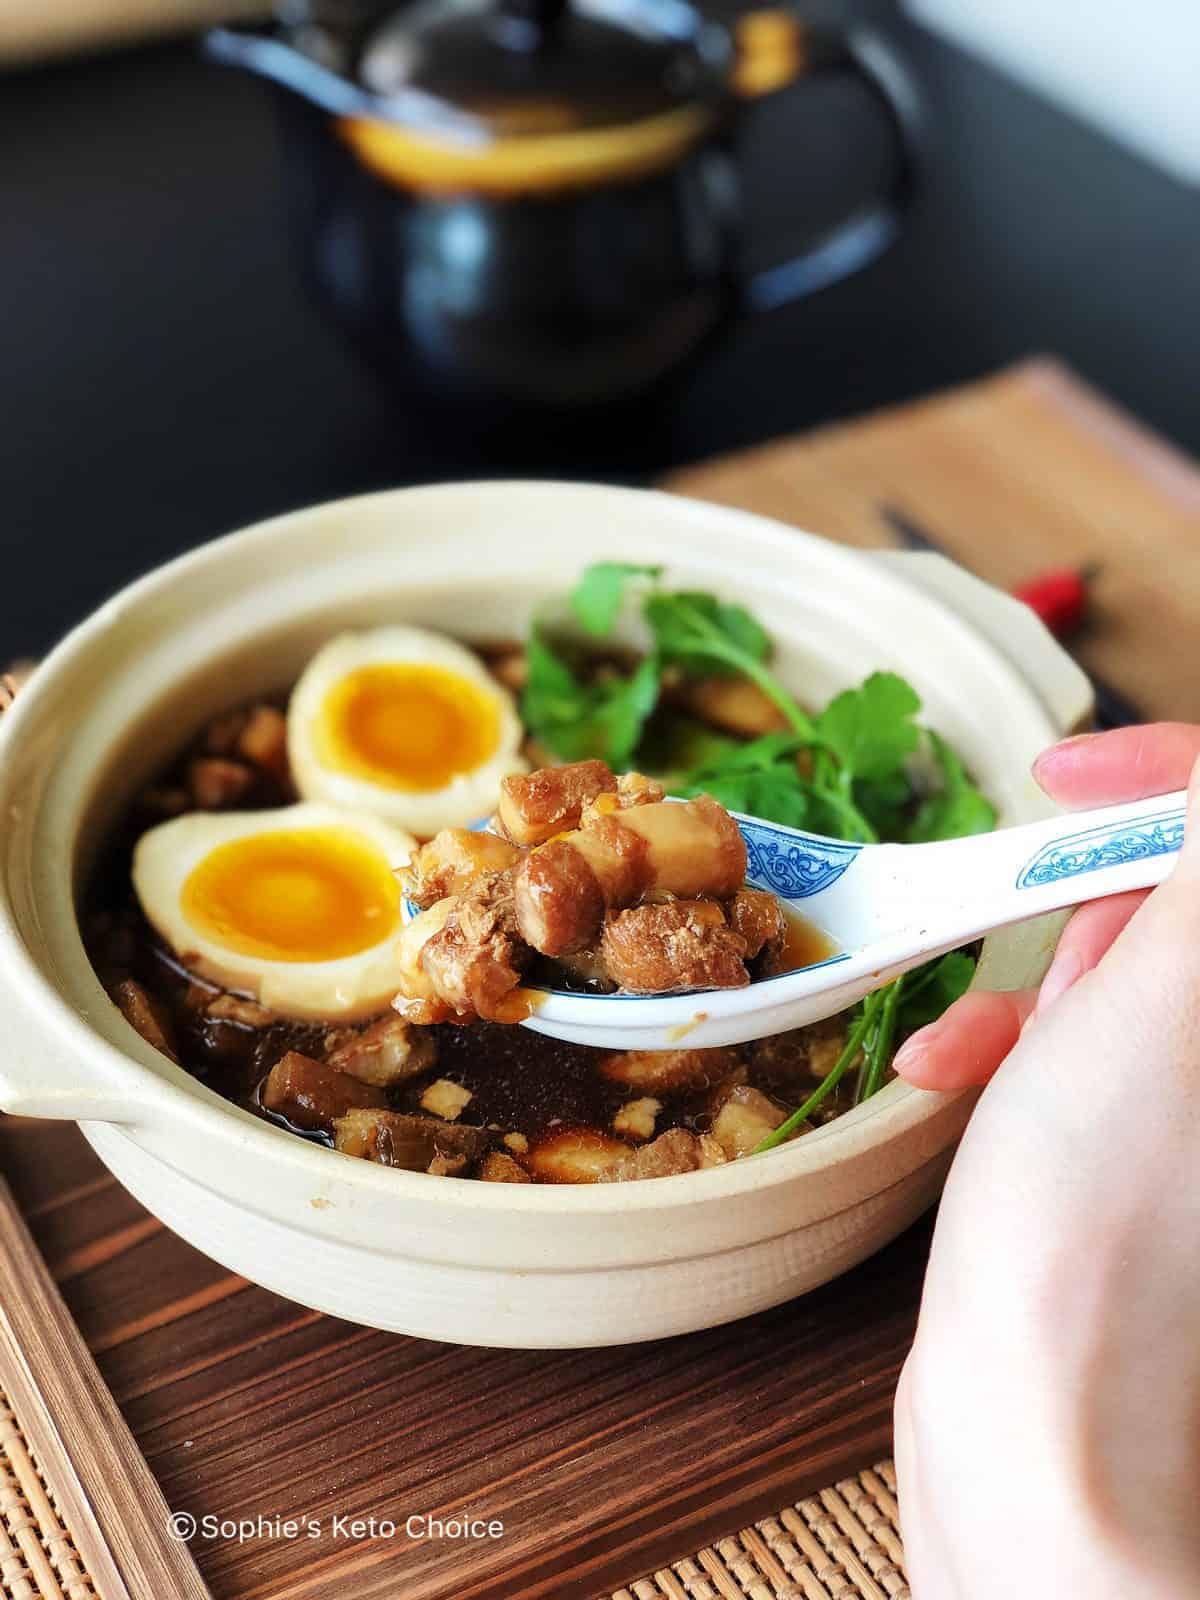 家常滷肉燥&滷溏心蛋-肥而不膩入口即化(瓦斯爐、壓力鍋兩種做法)